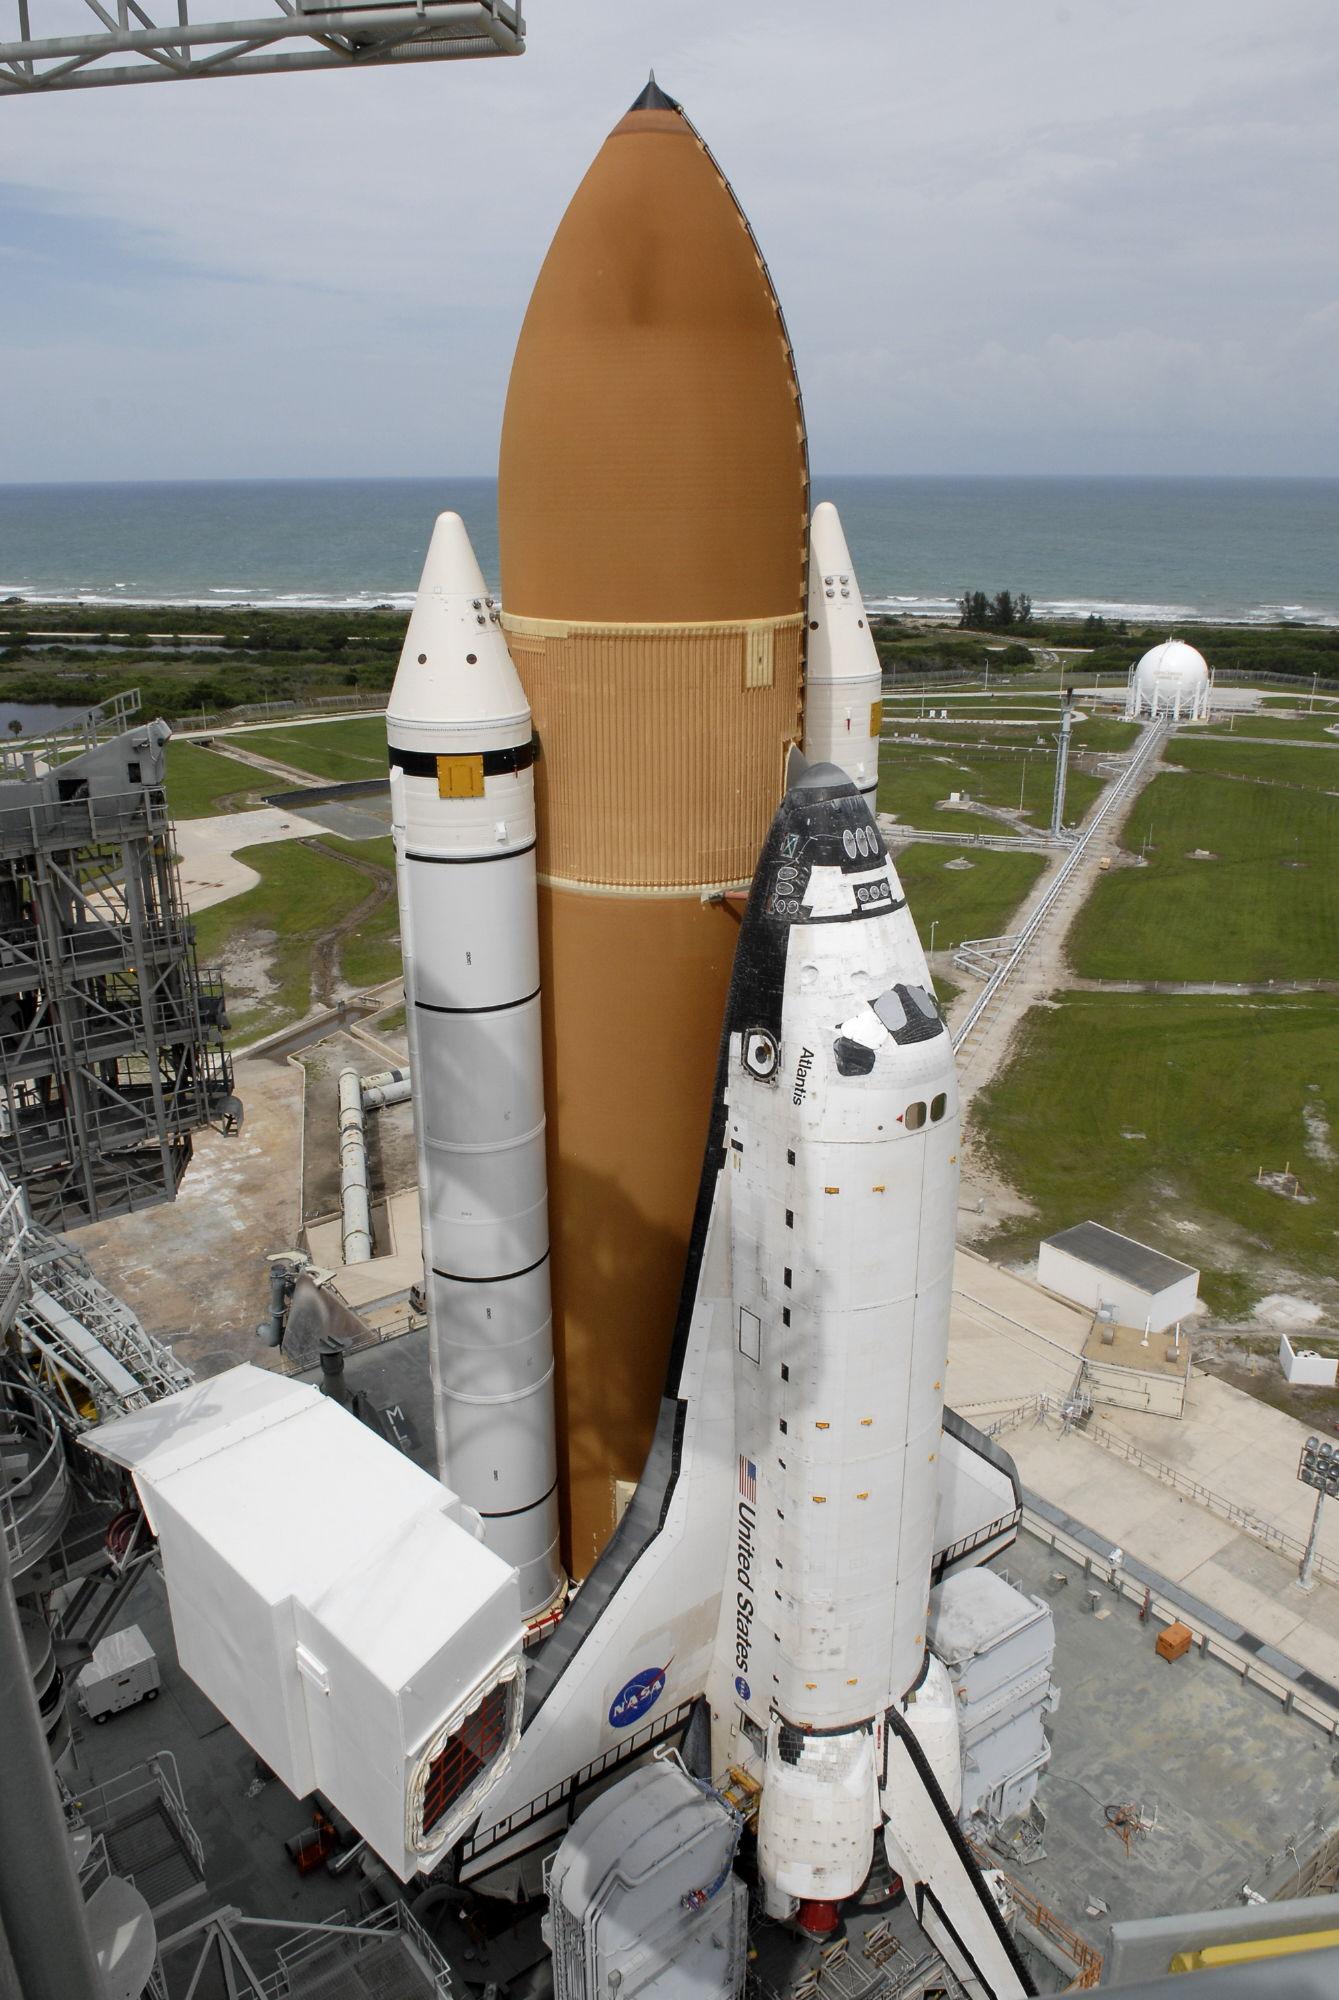 Space Shuttle Schematics Close A Interpretation Also It Space Was